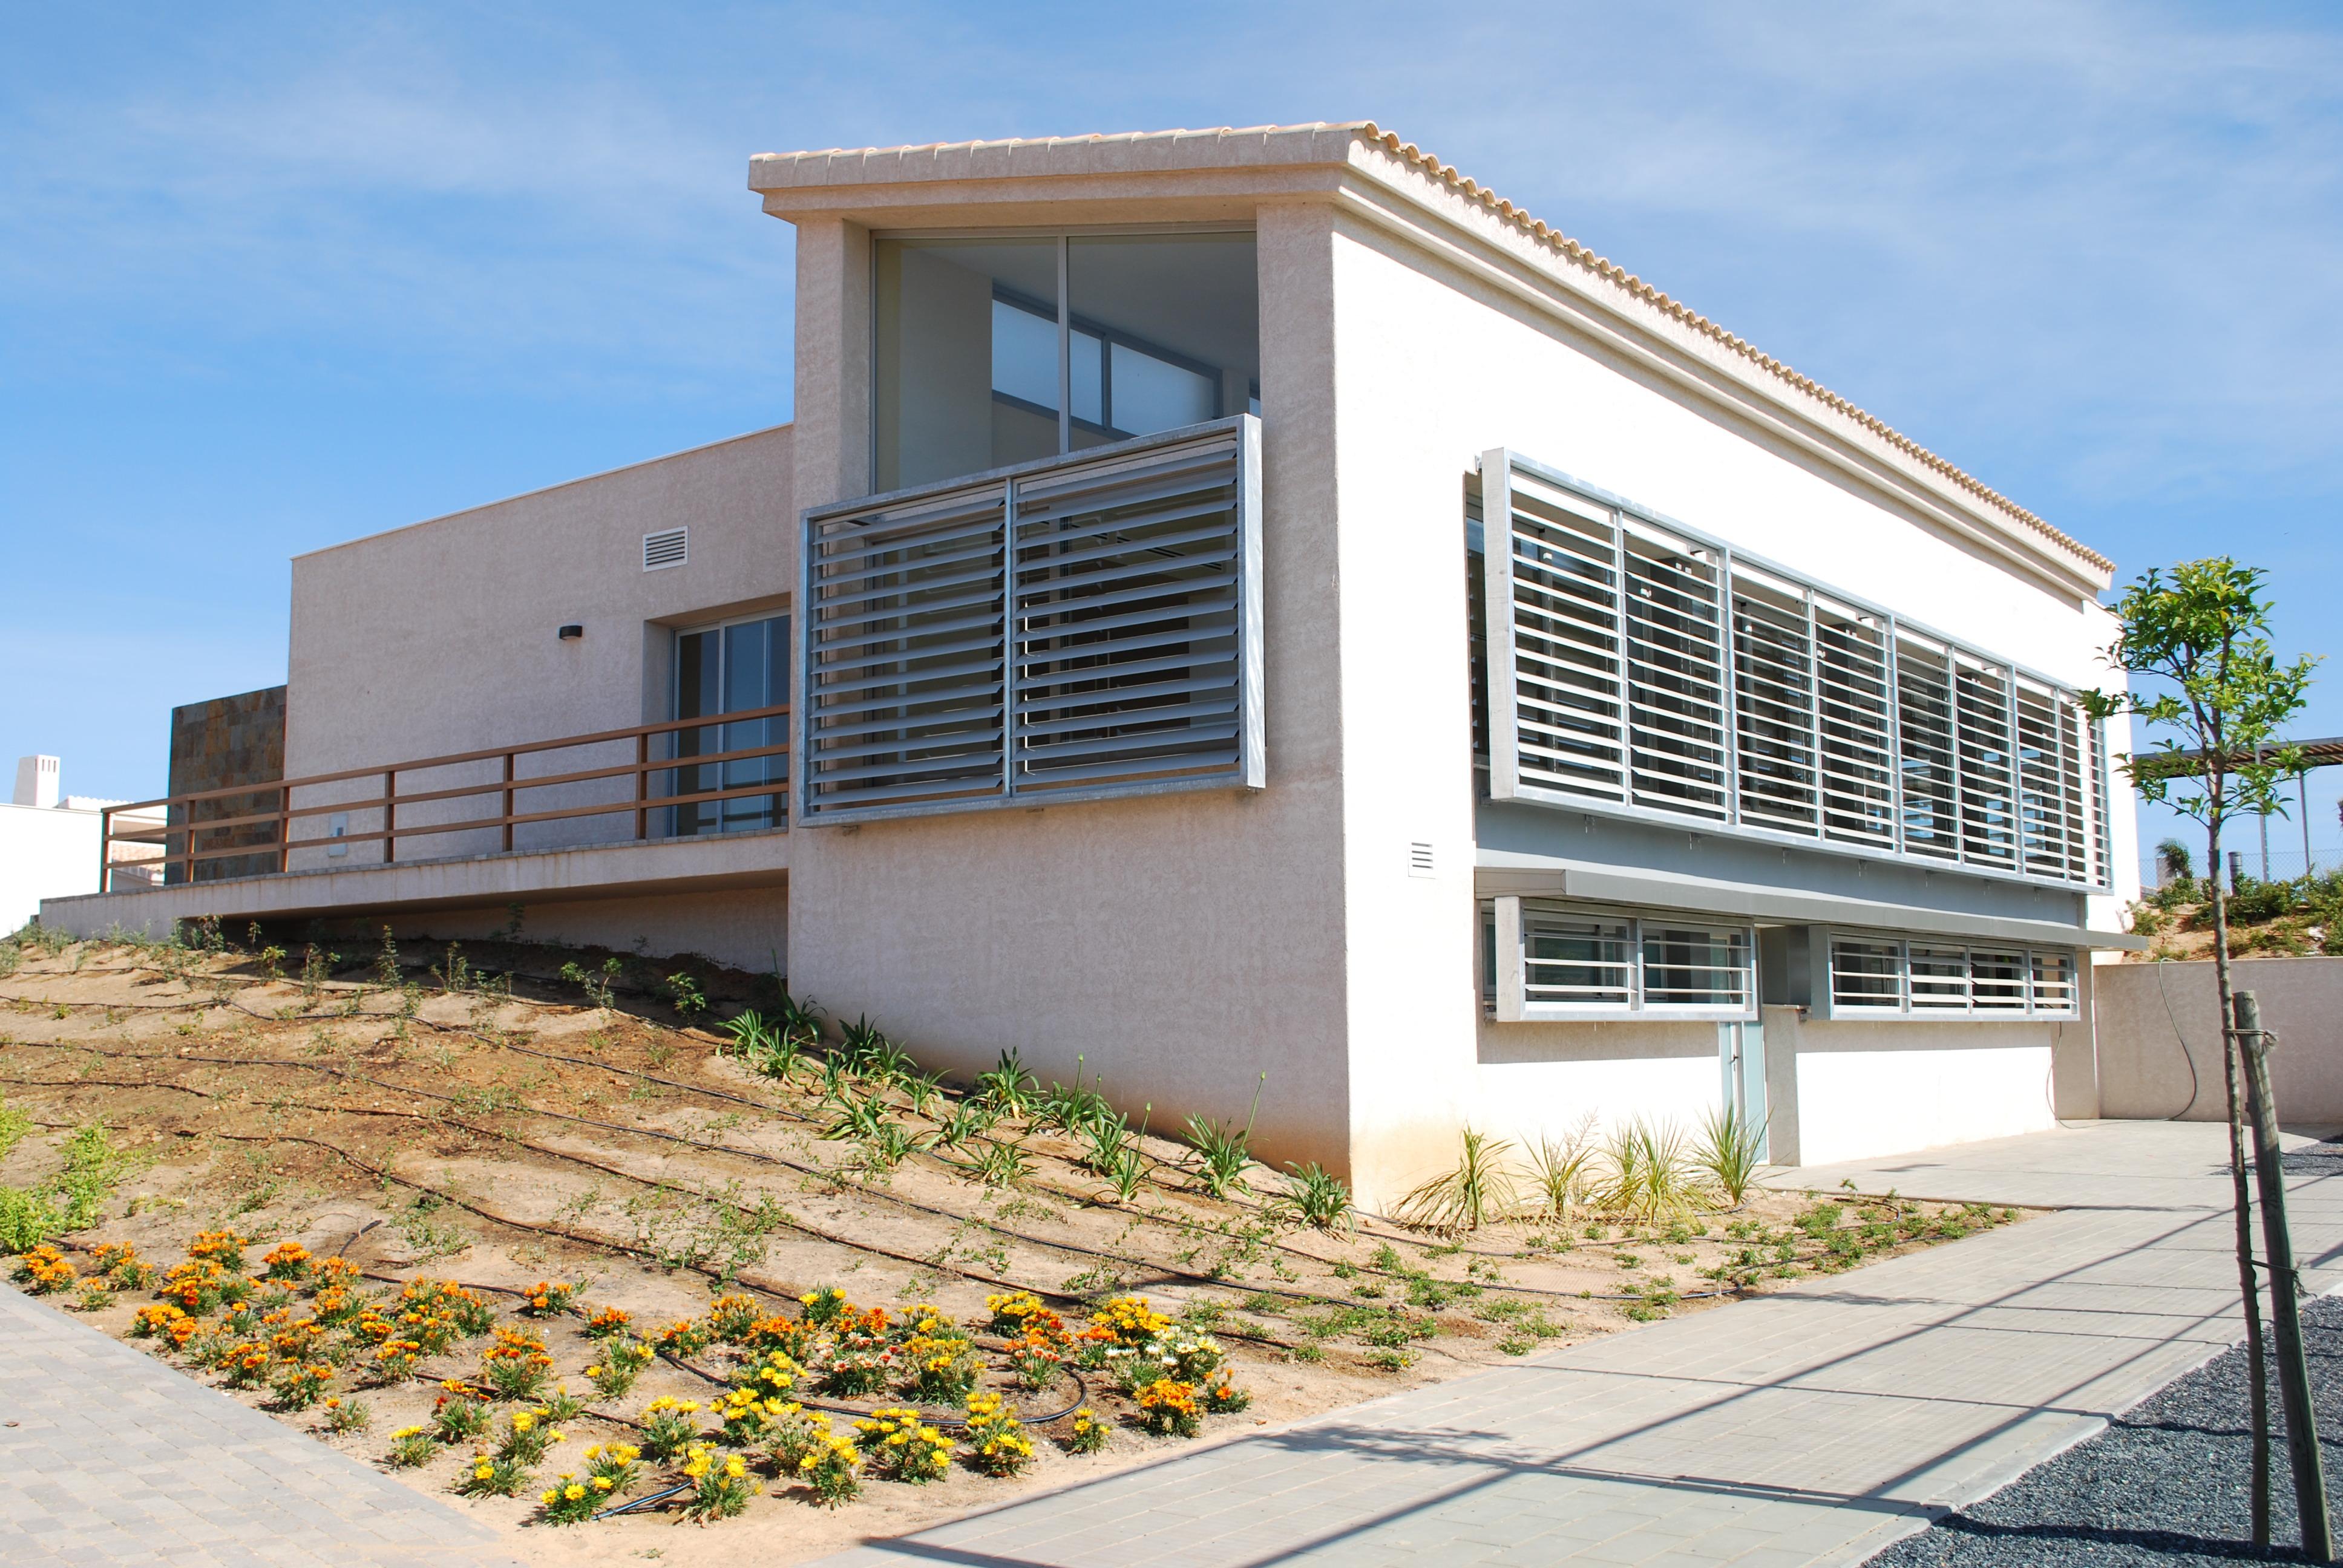 Conjunto Residencial Villas del Rompido - GPG Arquitectos